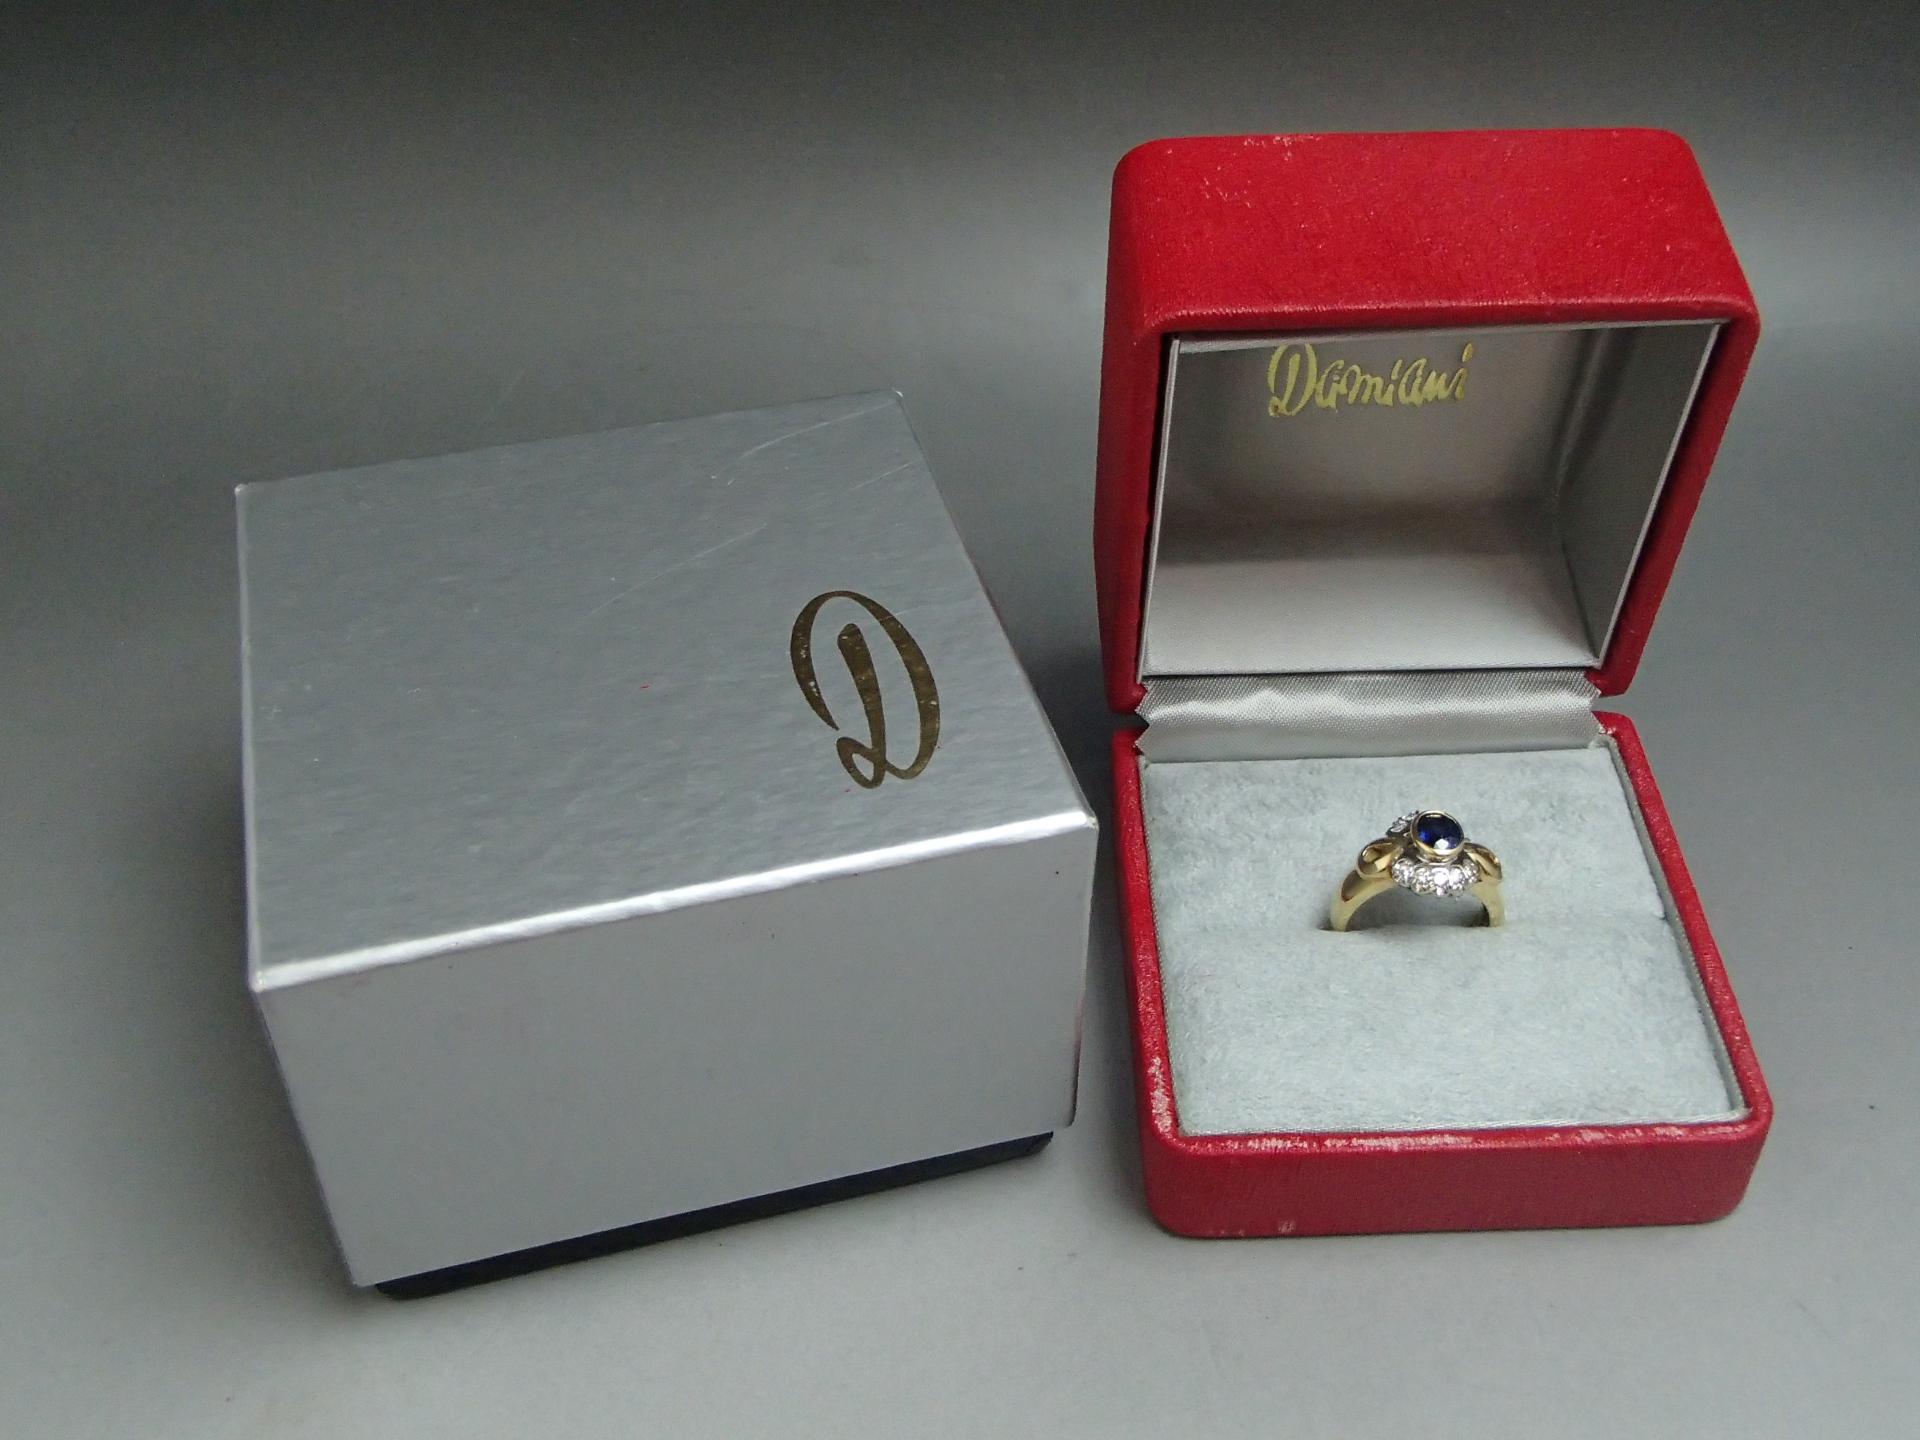 ダミアーニブランドのリングを高価買取! ブランド的価値はつくの??